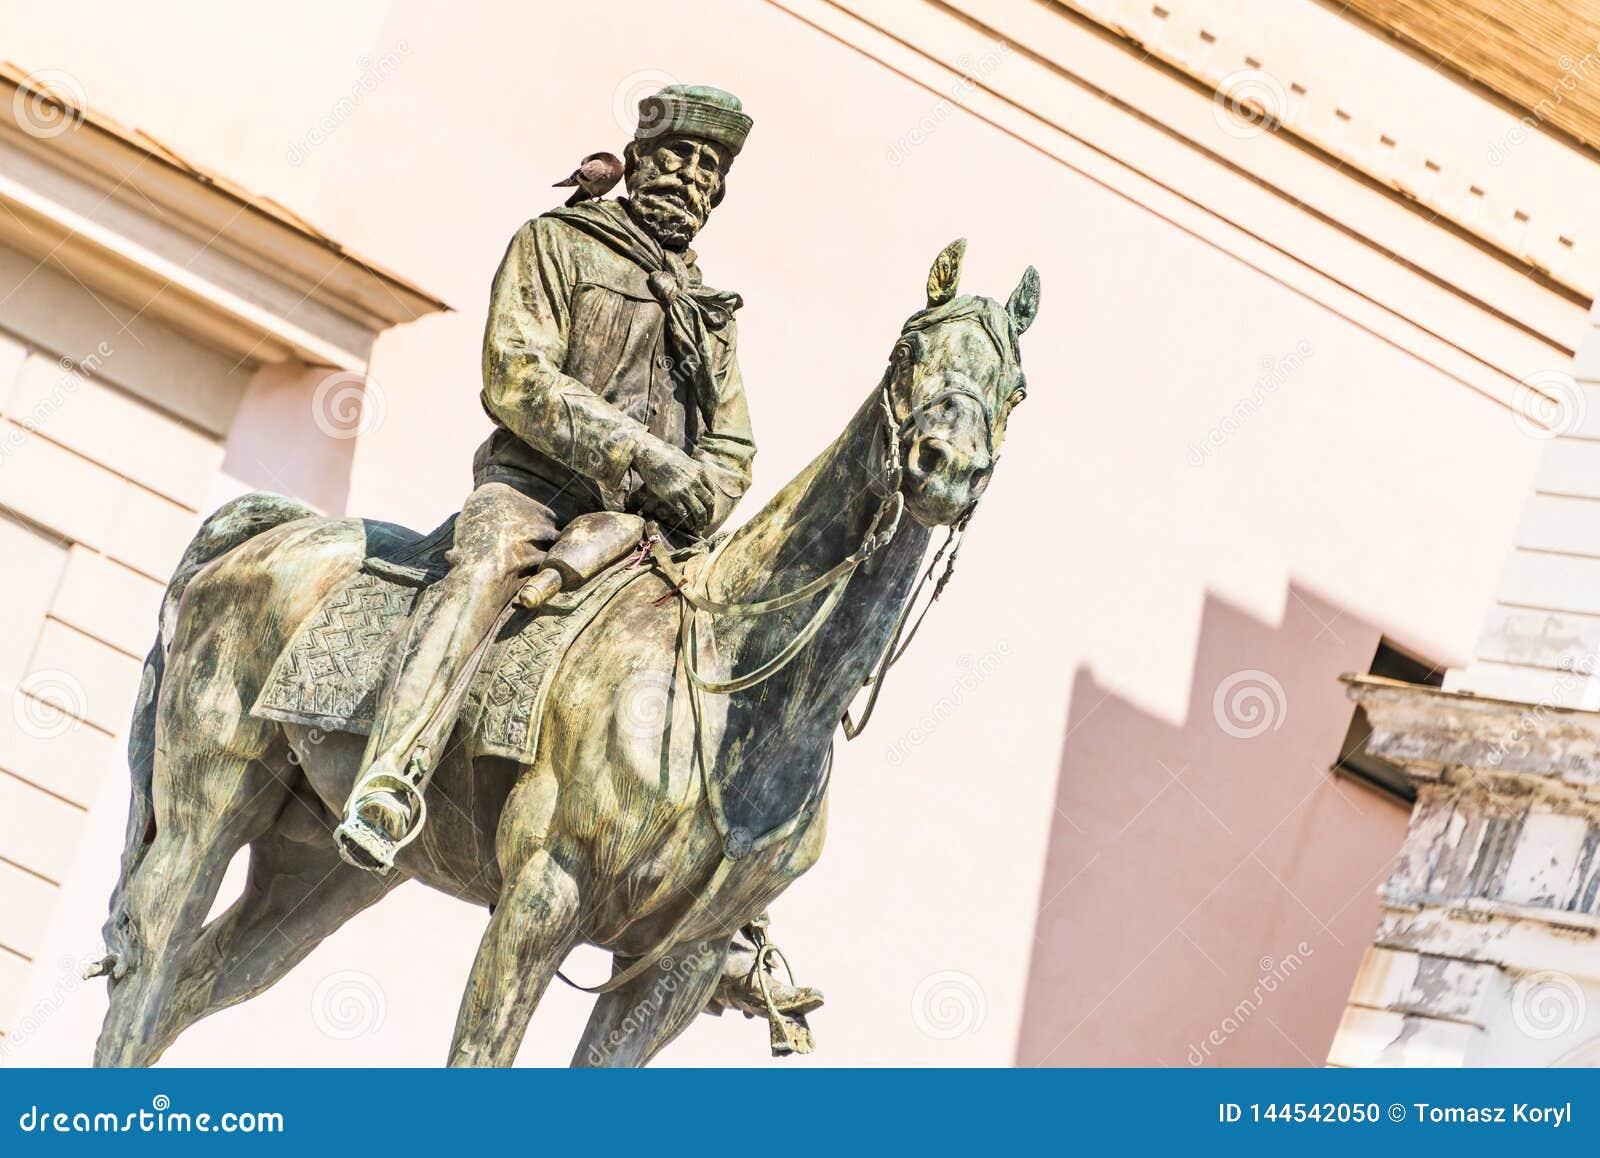 Het standbeeld van Giuseppe Garibaldi op paard, Genoa Piazza de Ferrari, in het centrum van Genua, Ligurië, Italië [t